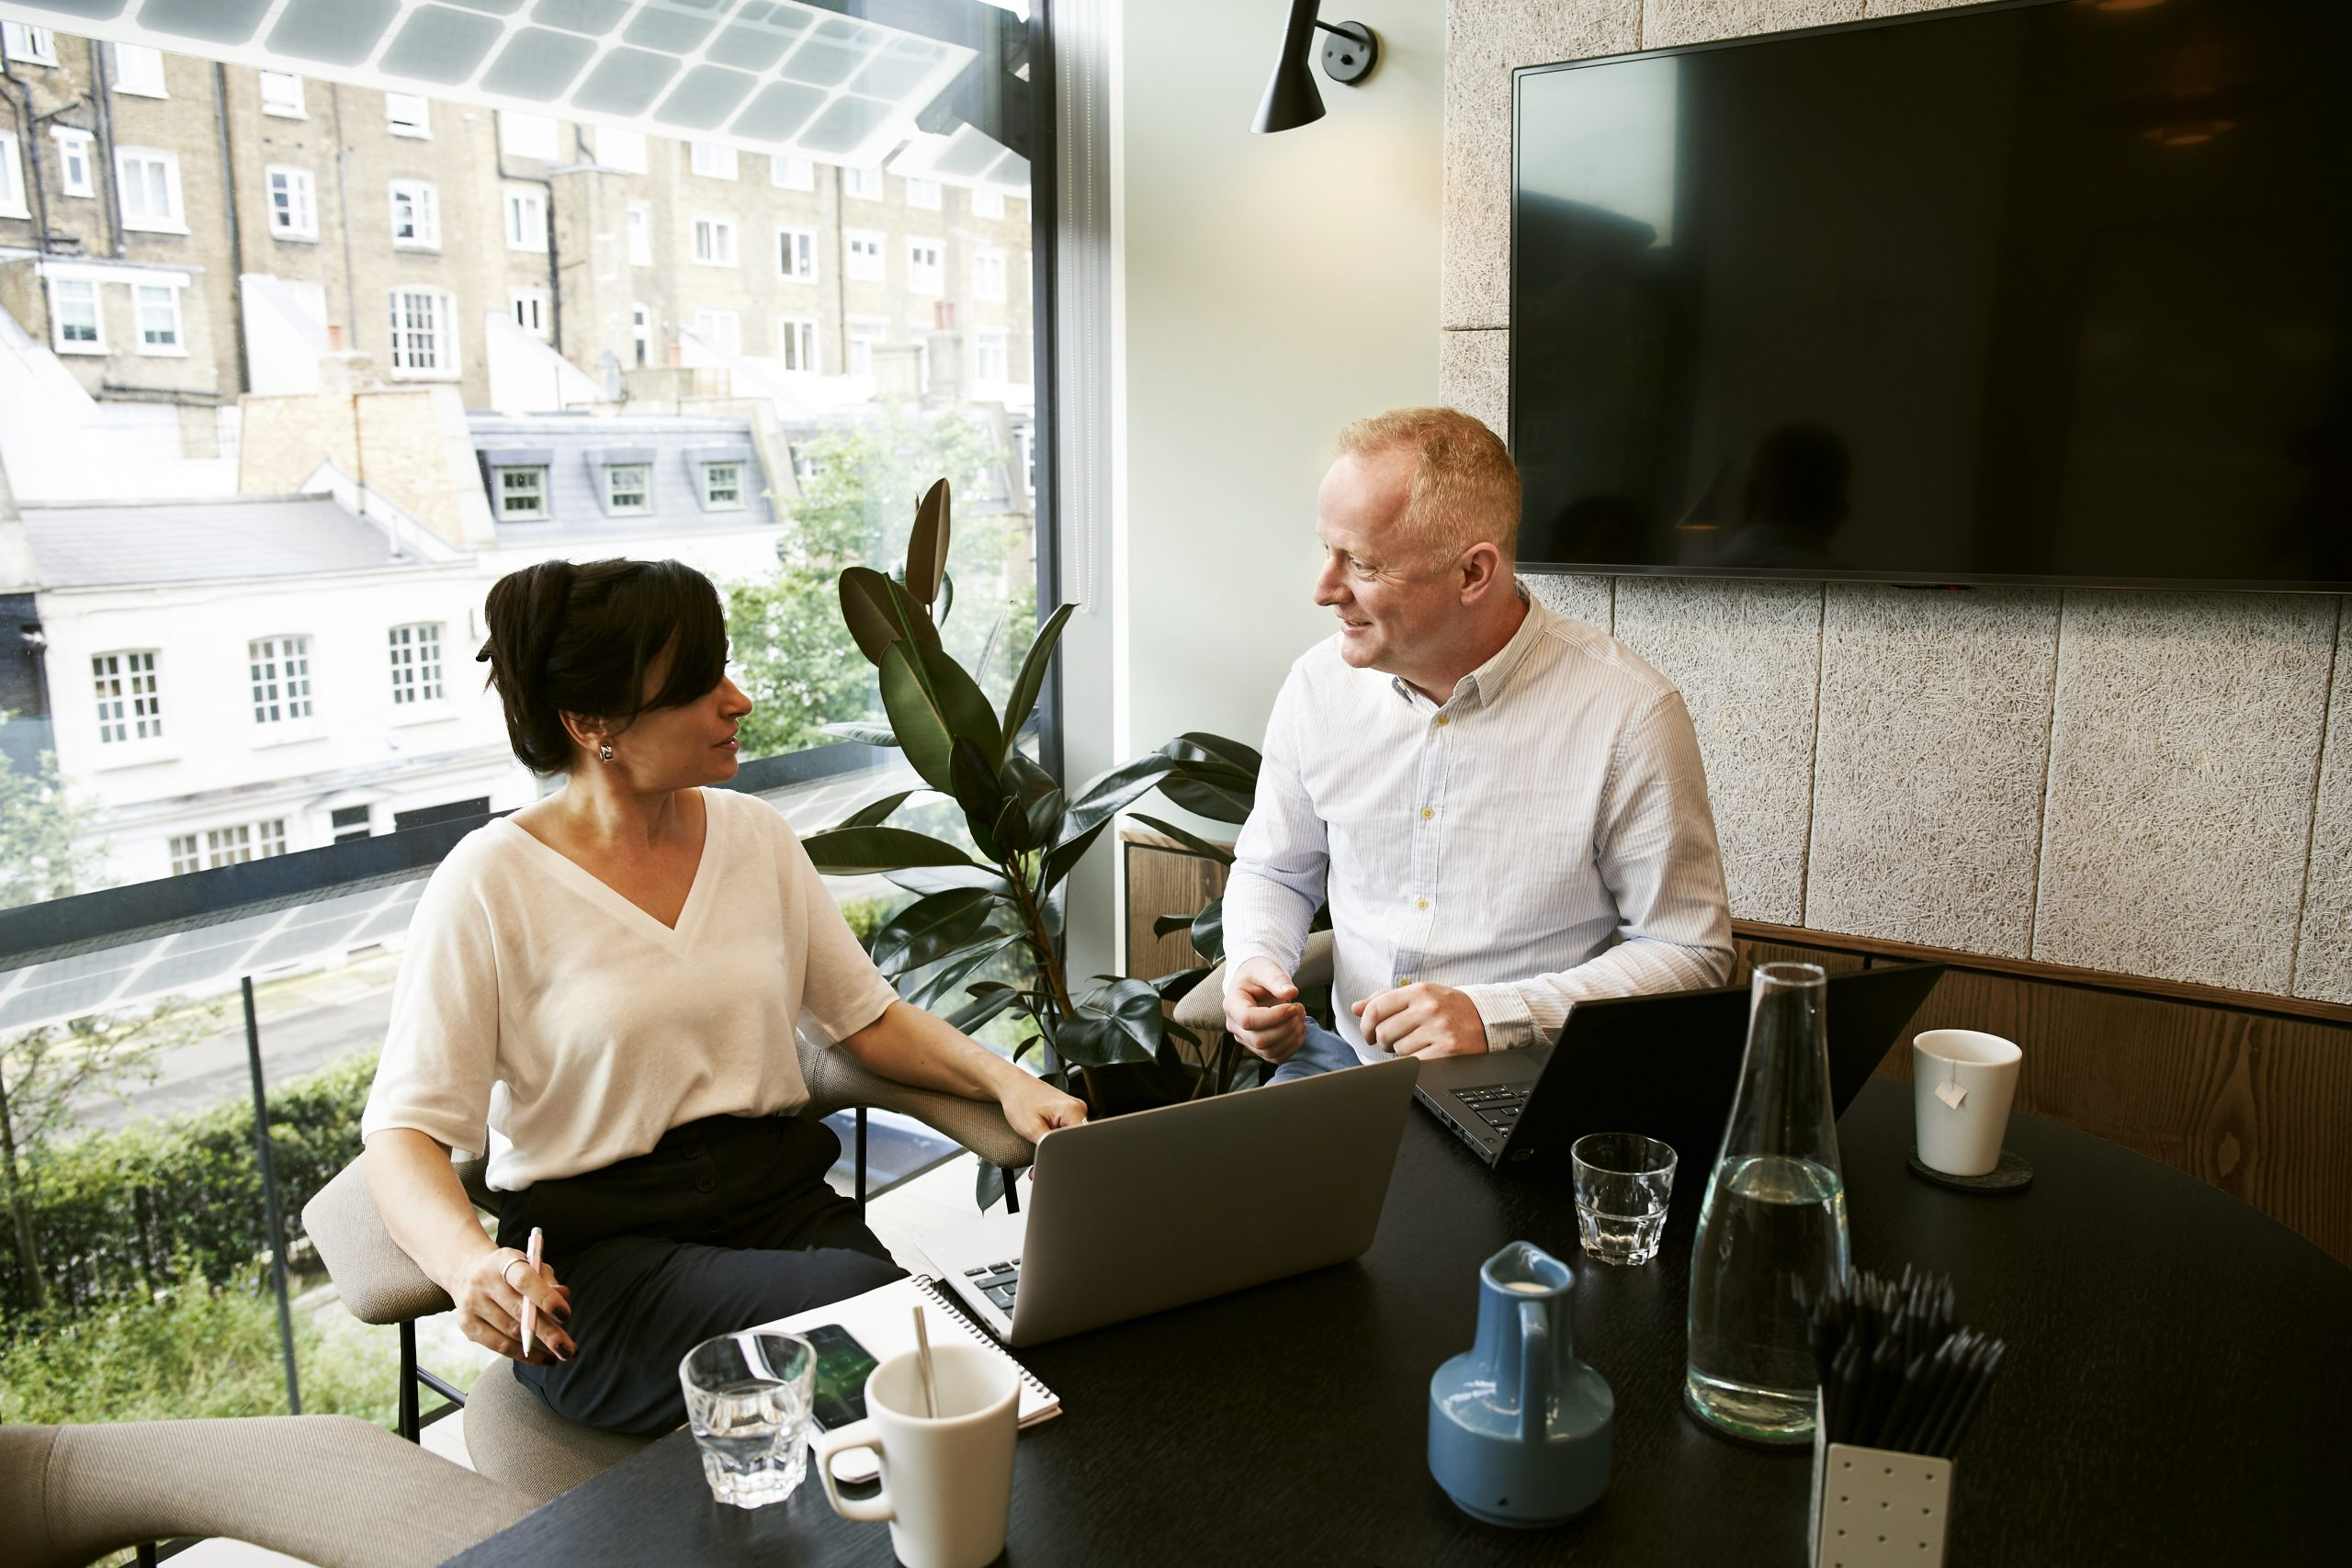 Pessoa acionando uma Consultoria de Negócios